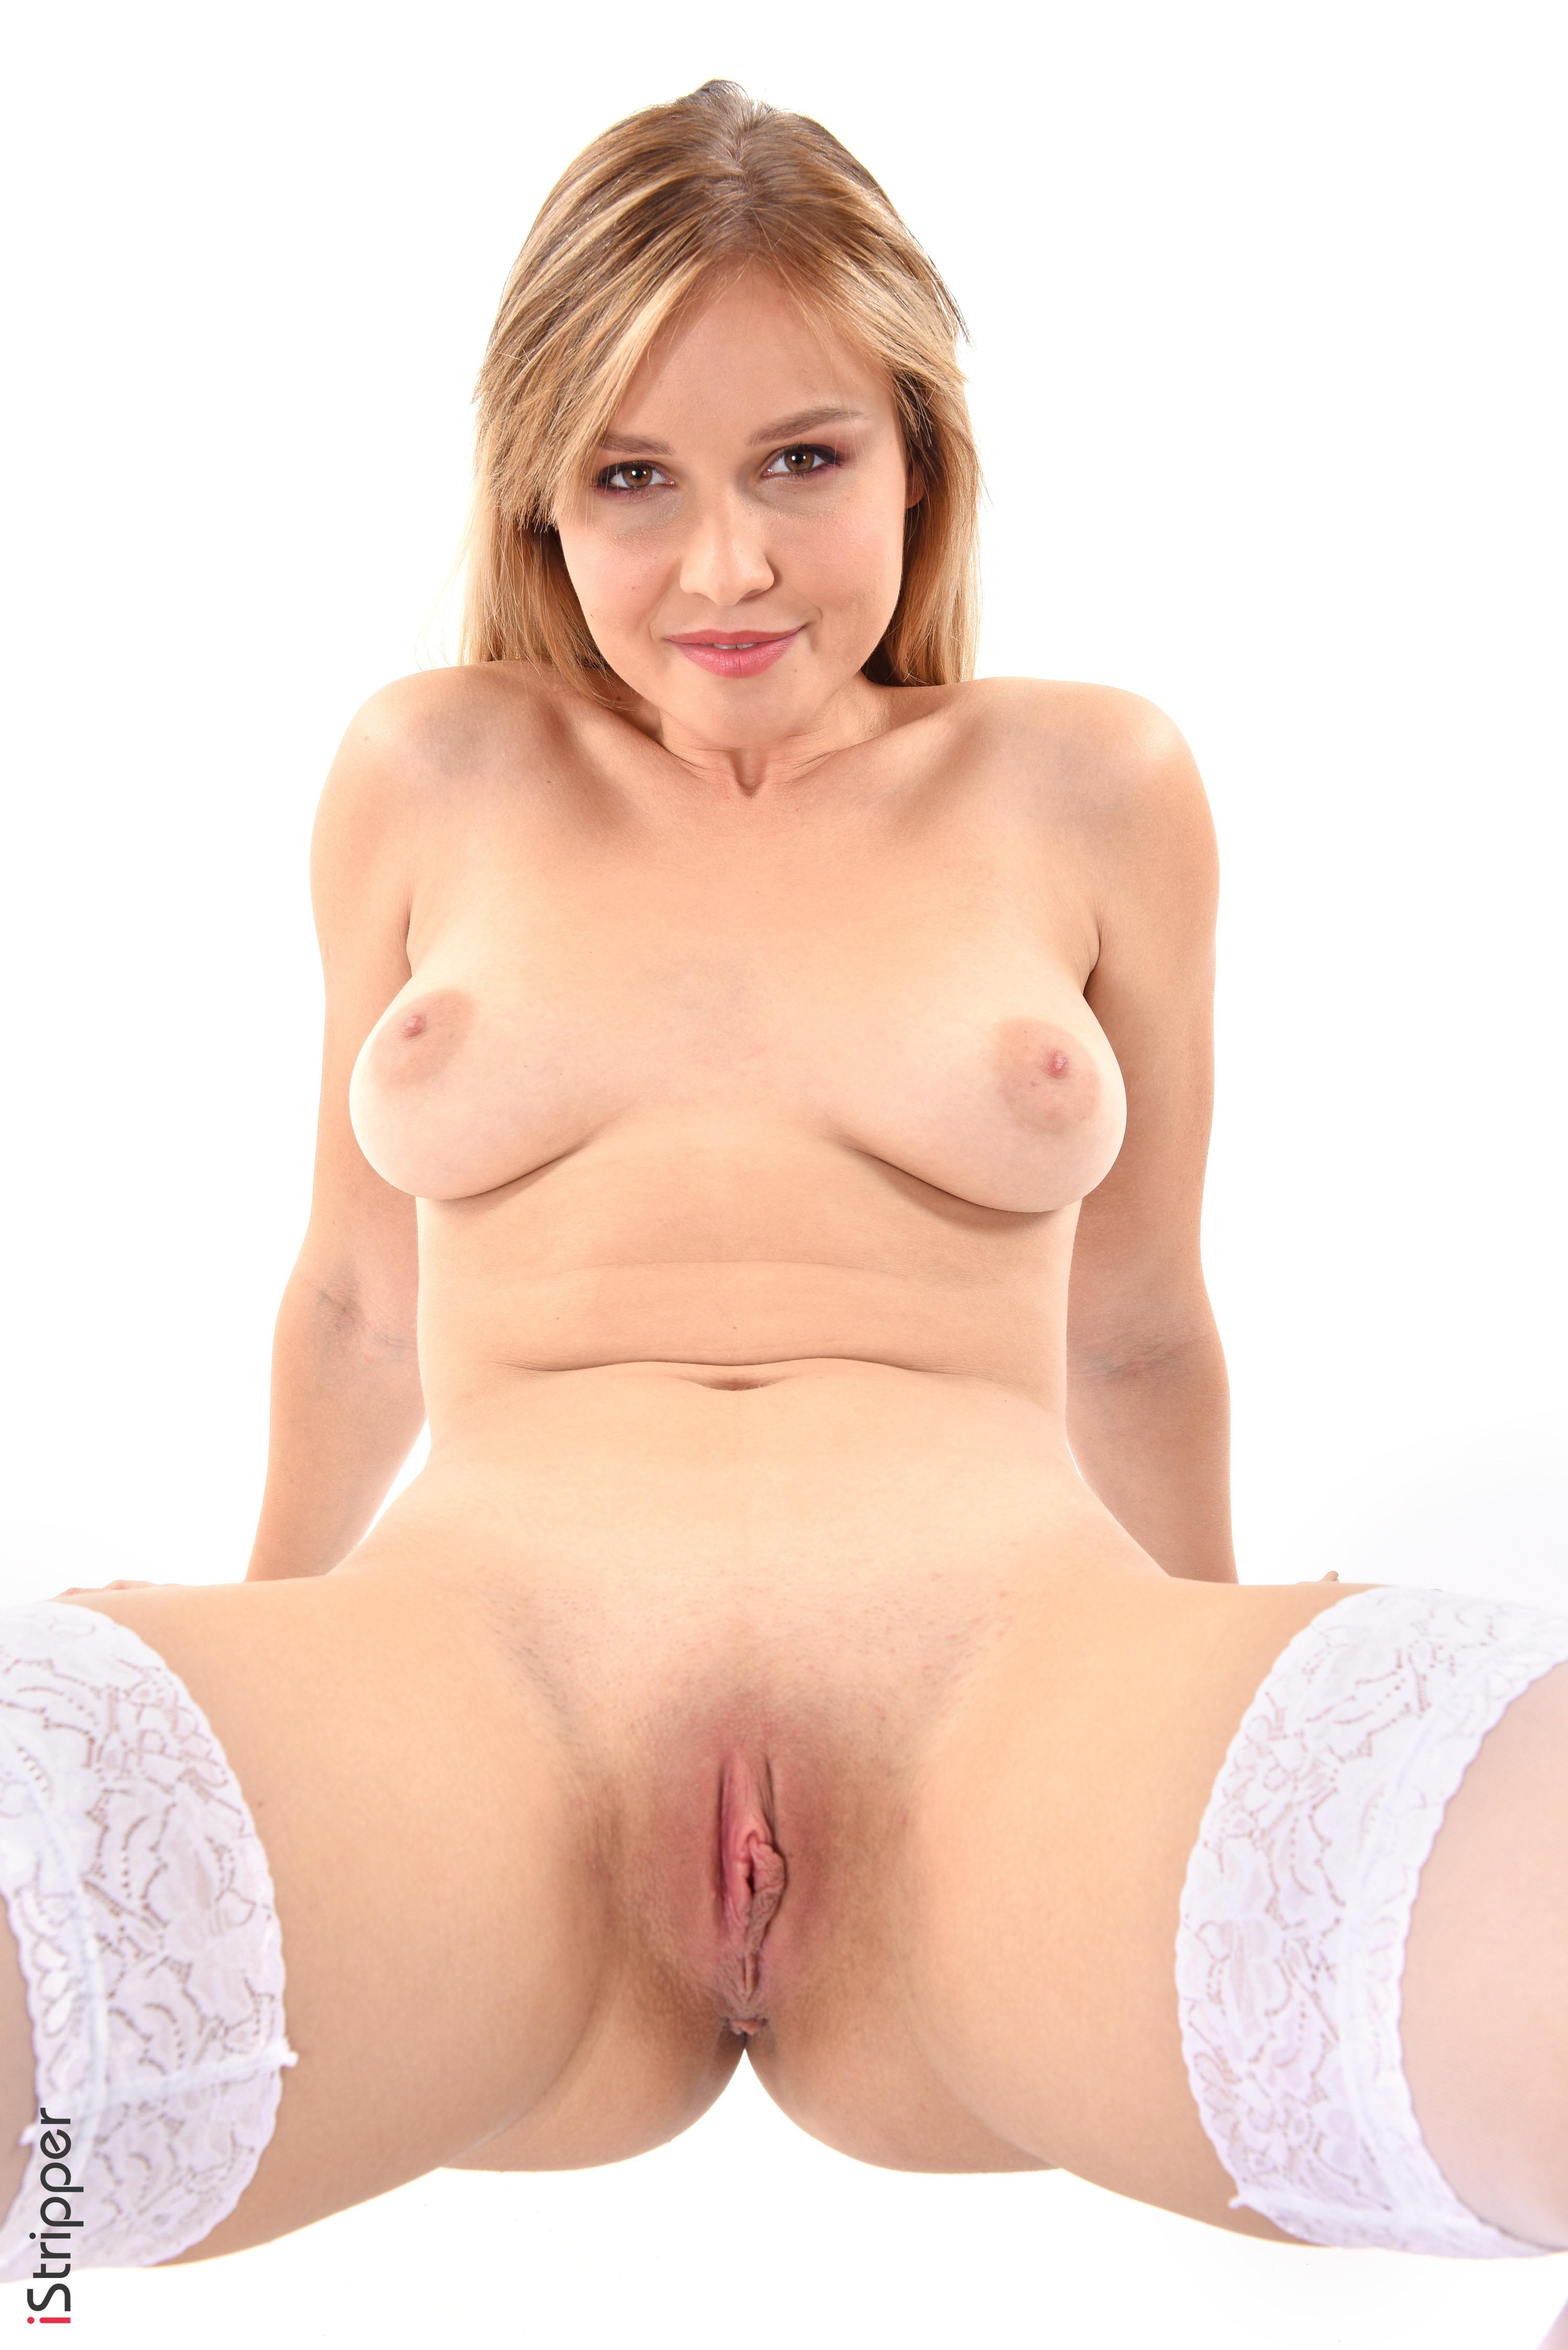 boobsgarden